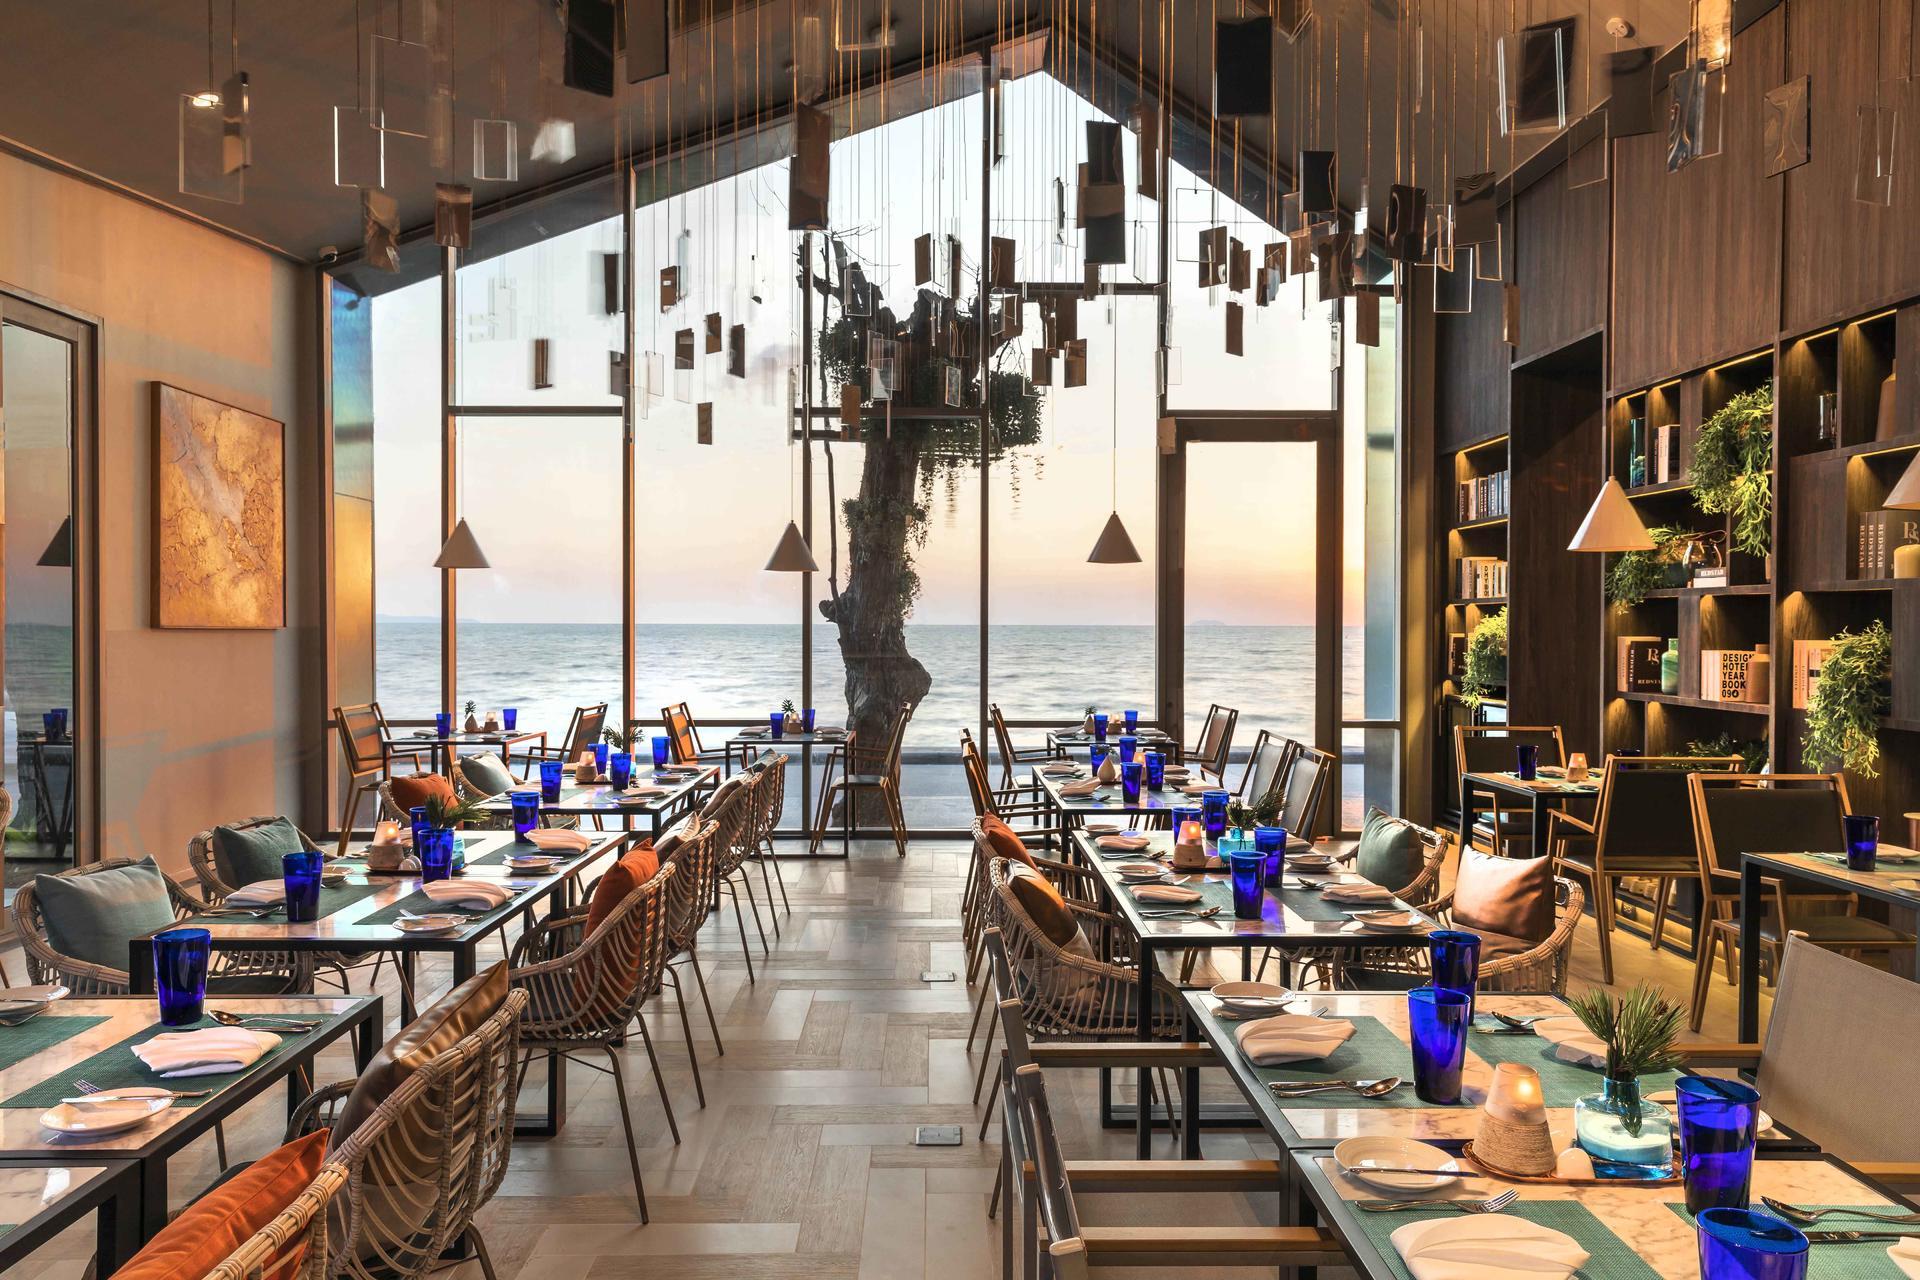 U Pattaya - serenity and privacy beachfront resort